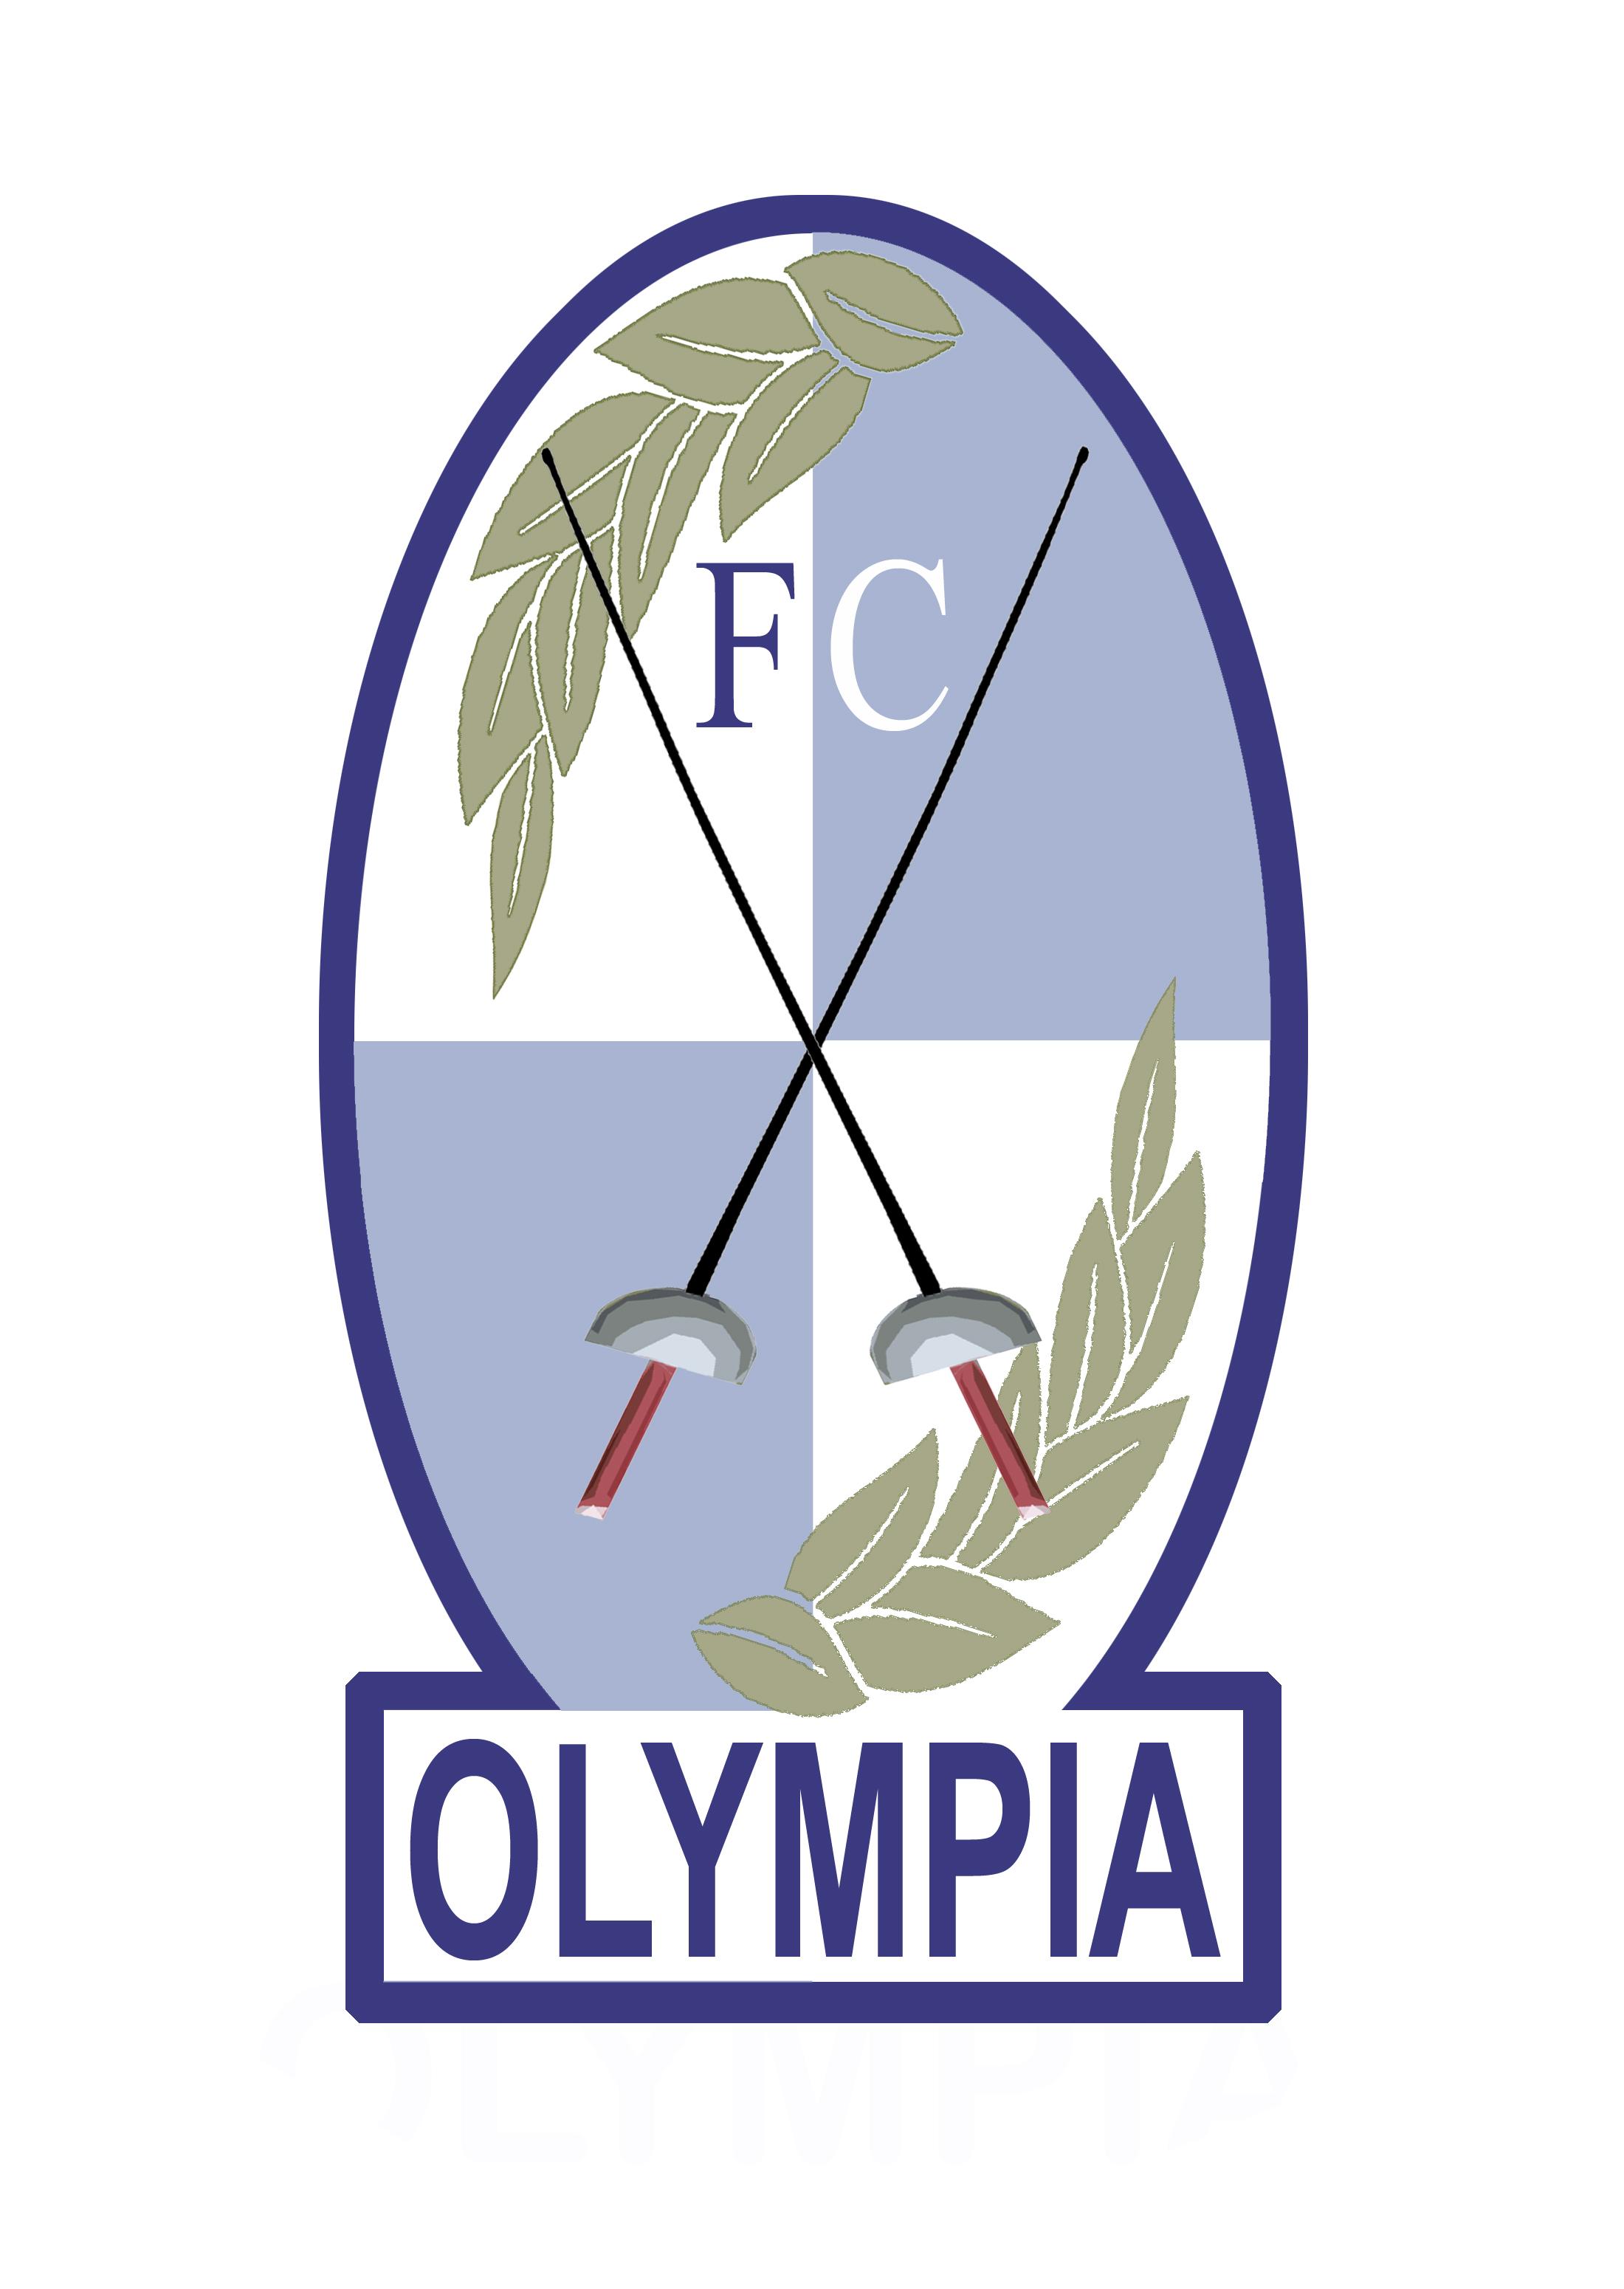 Olympia Fencing Club